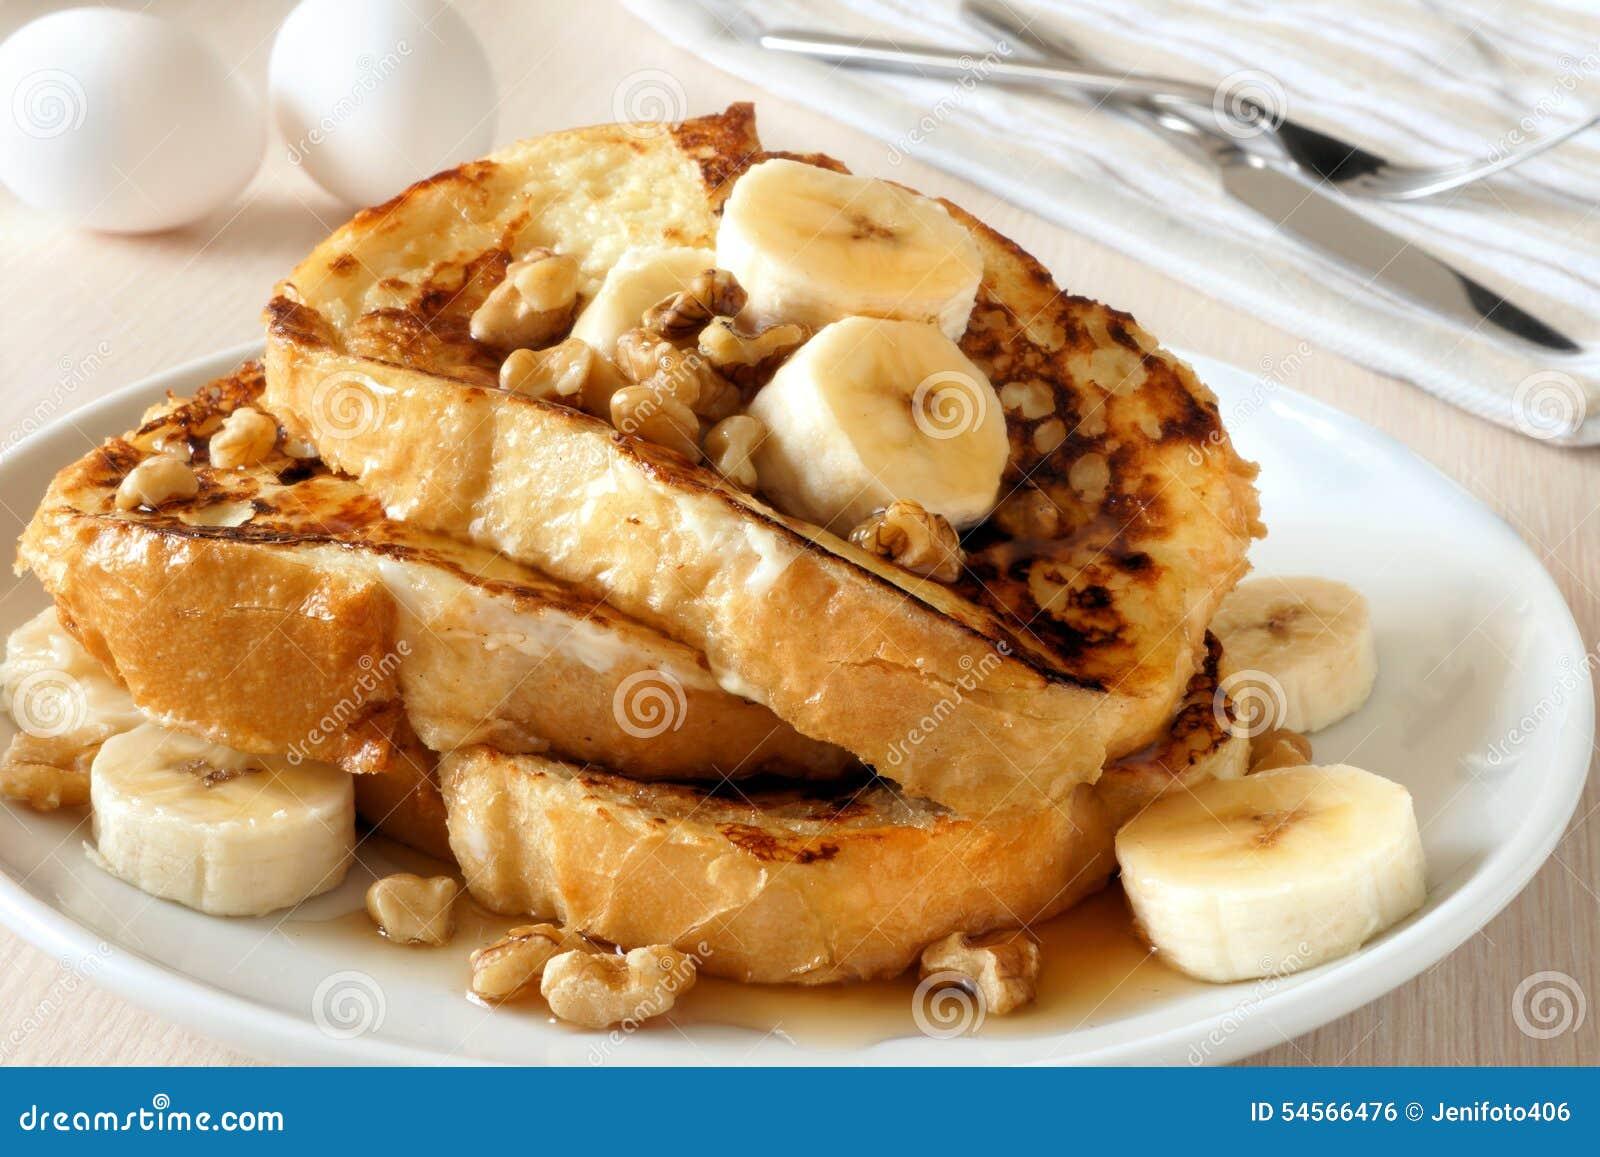 Bananas Toast At Street Shop Stock Photo | CartoonDealer.com #76446456